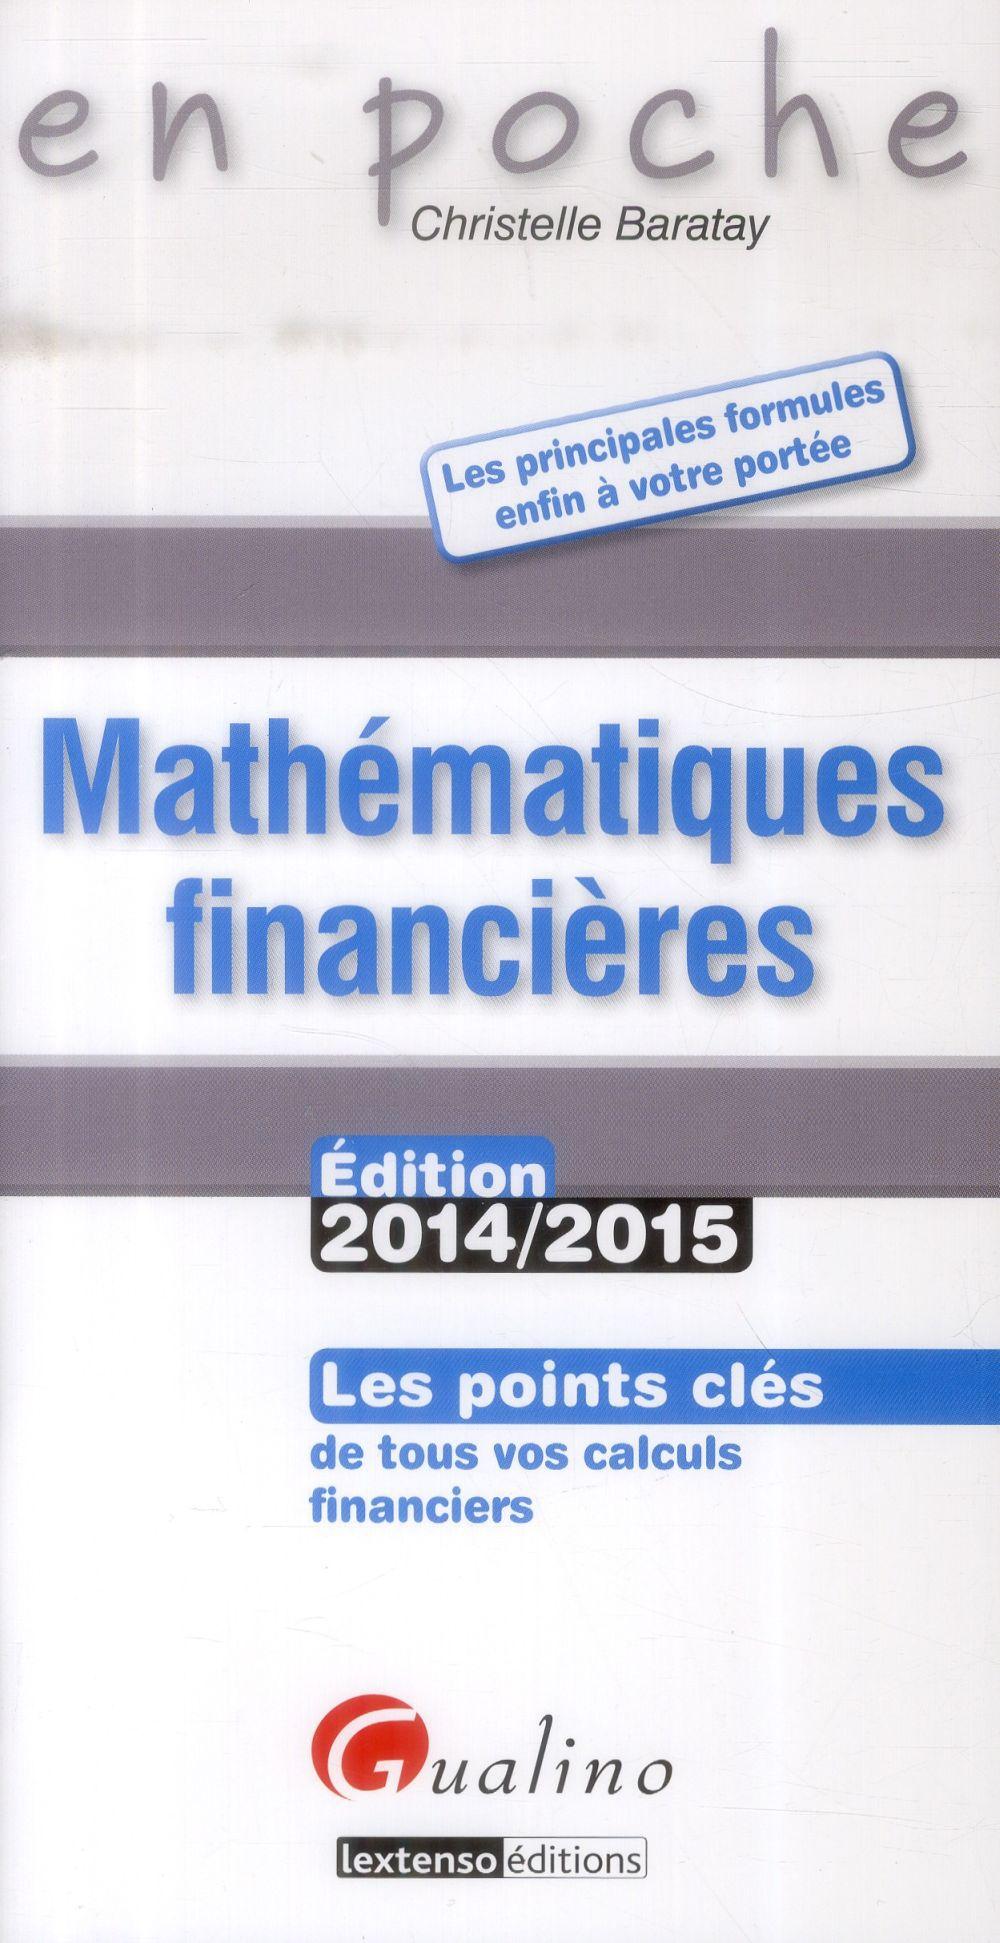 Christelle Baratay En poche - Mathématiques financières 2014-2015